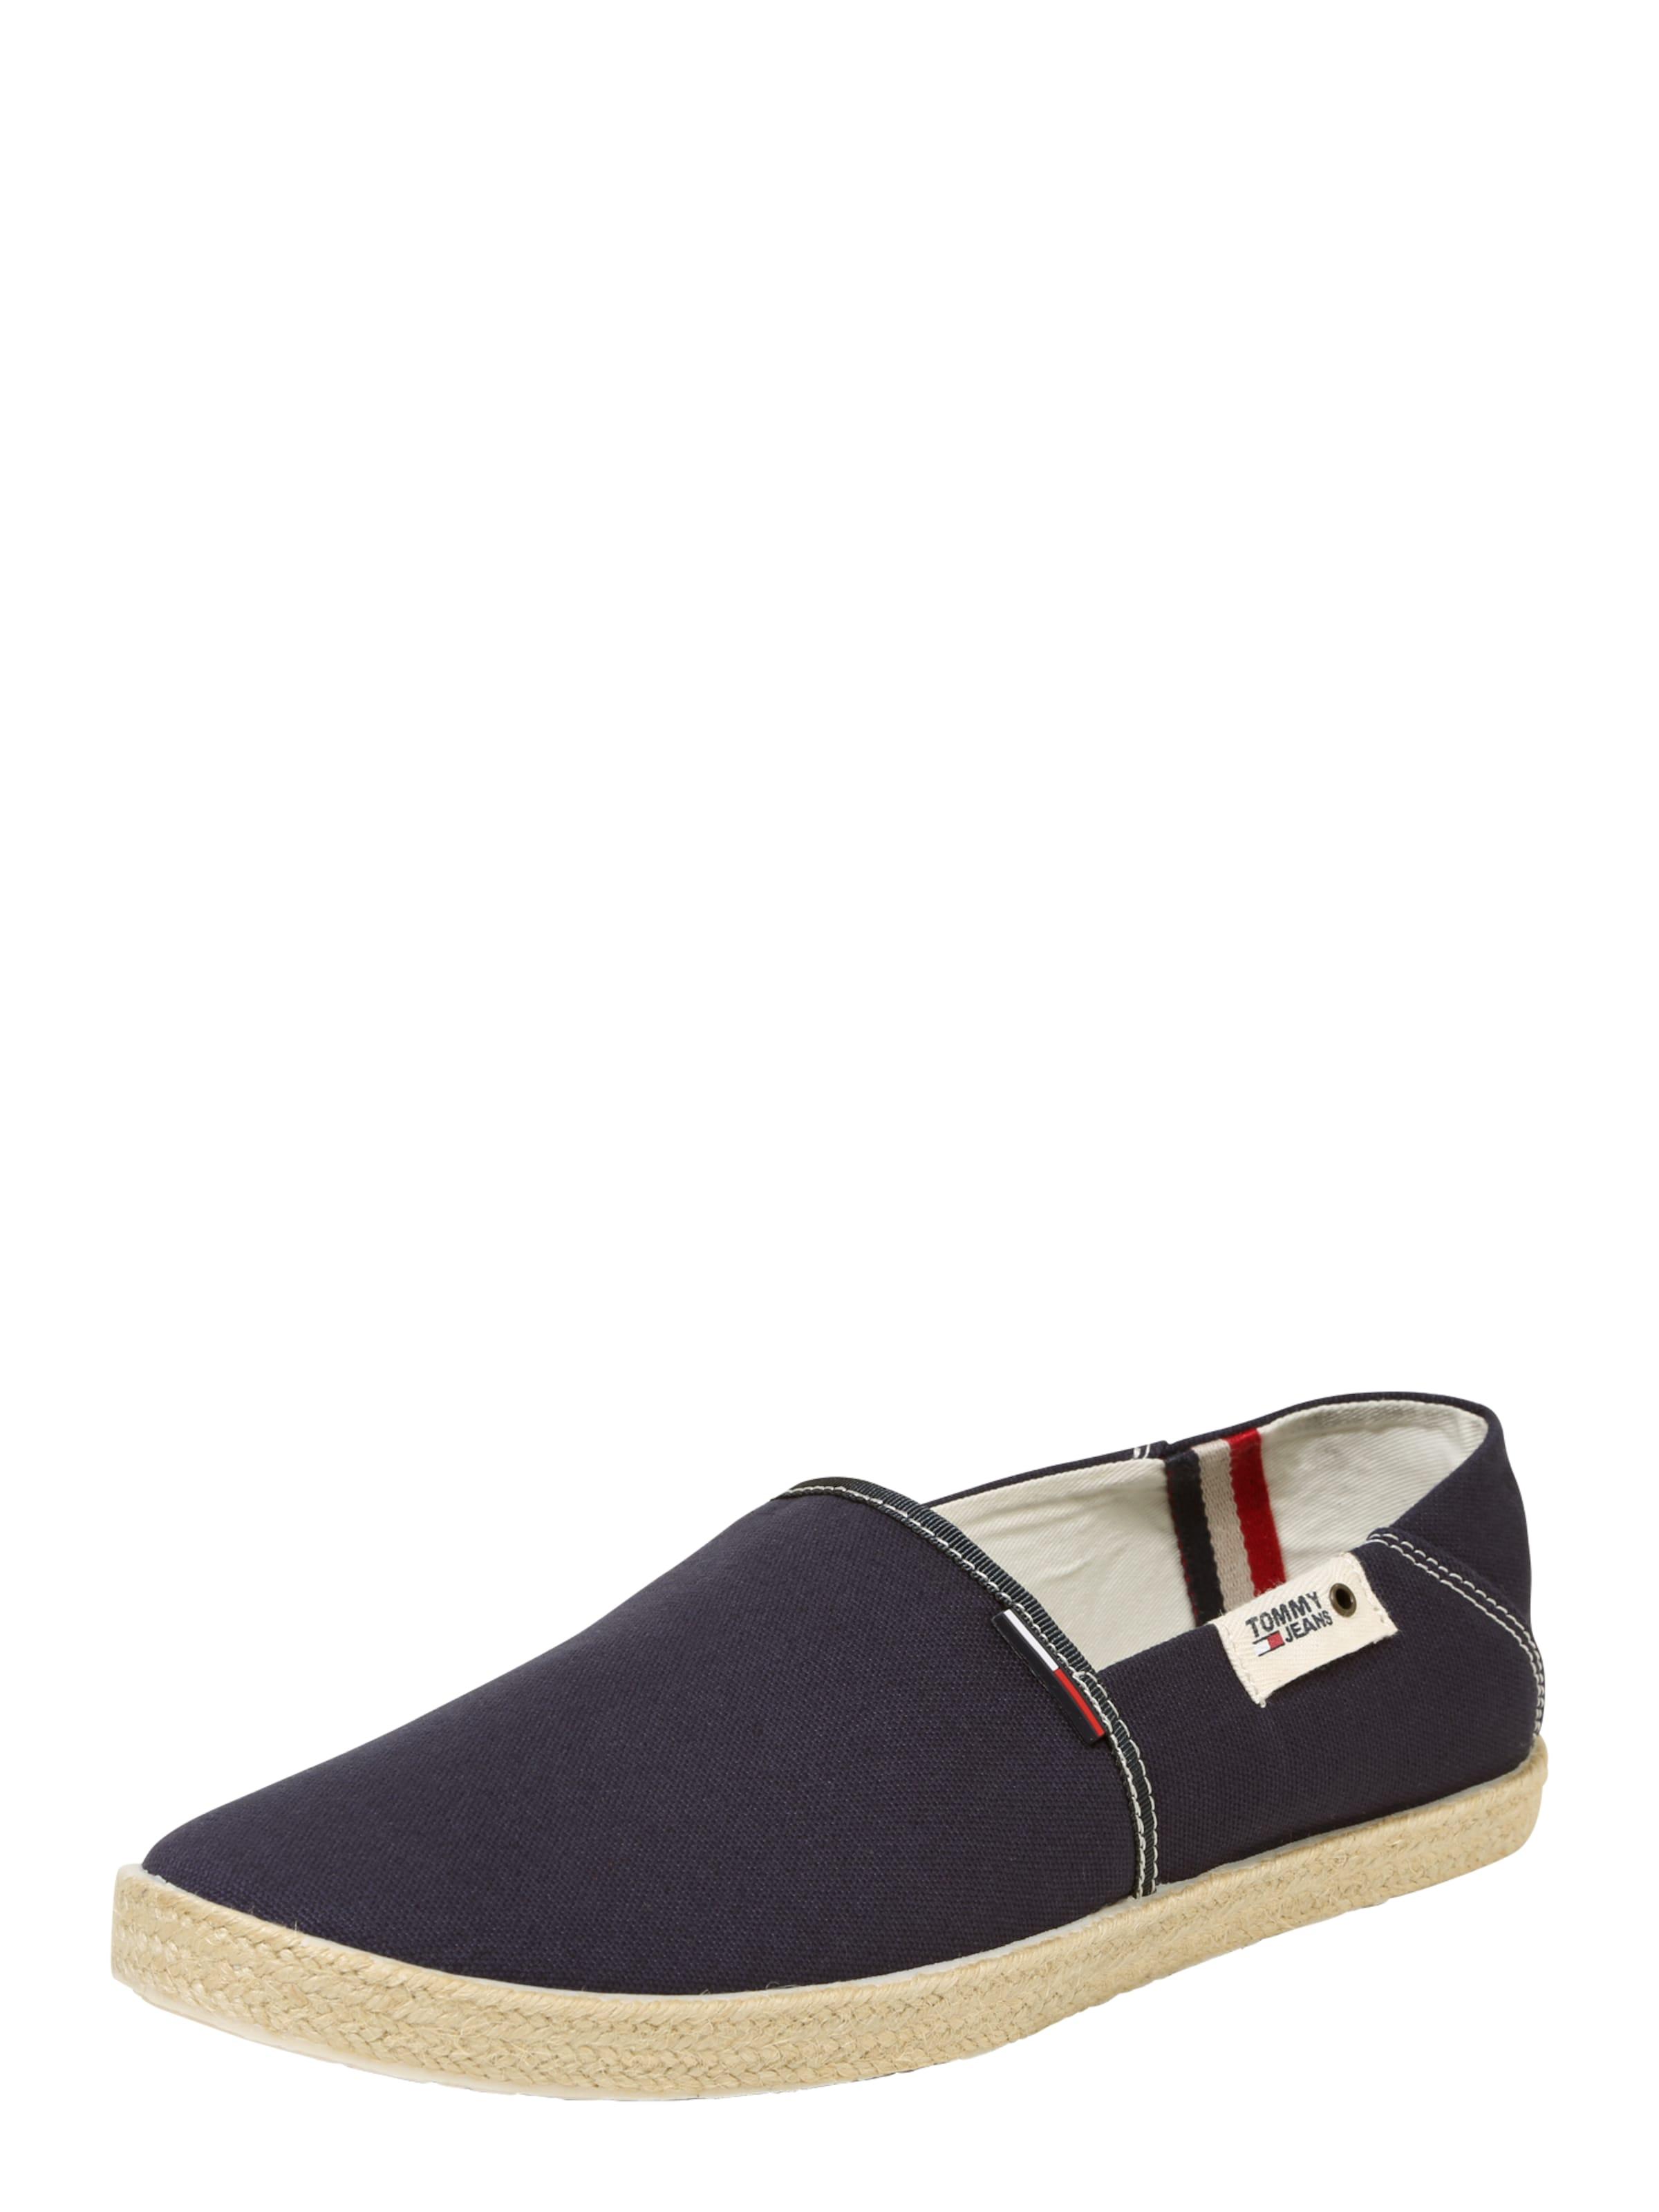 Tommy Jeans | Slipper aus Baumwolle Schuhe Gut getragene Schuhe